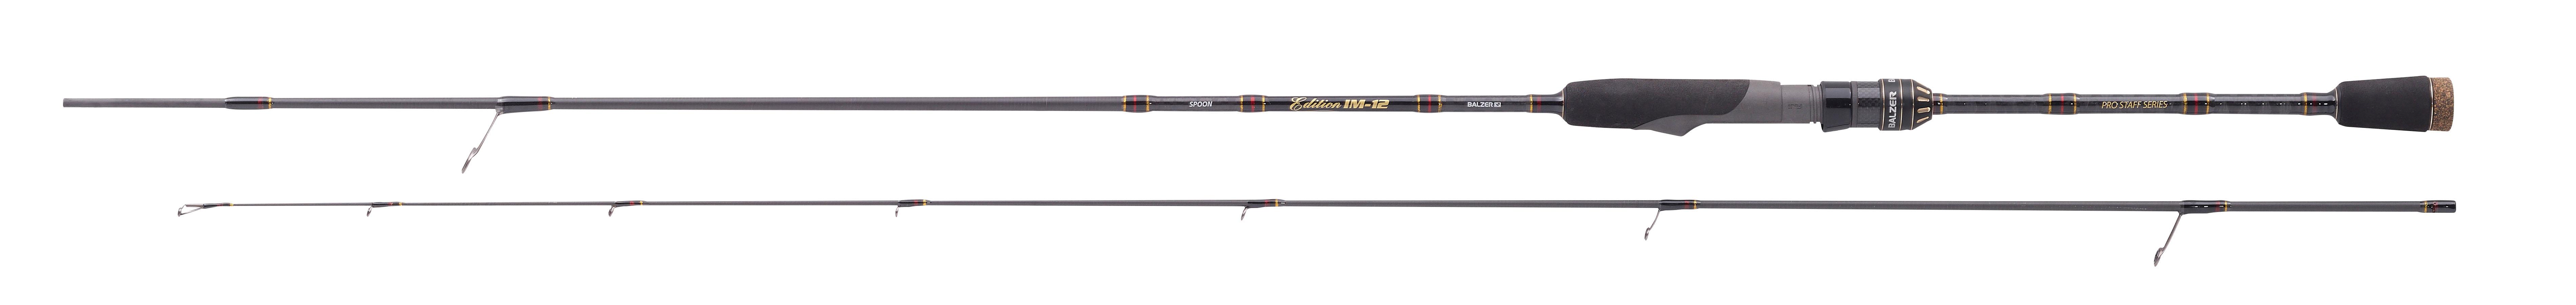 Balzer Edition nel 12 2,12m Pro Staff Spoon 1,82m 2,12m 12 2,42m WG 2-6g MICRO FRECCE Rod e32d71